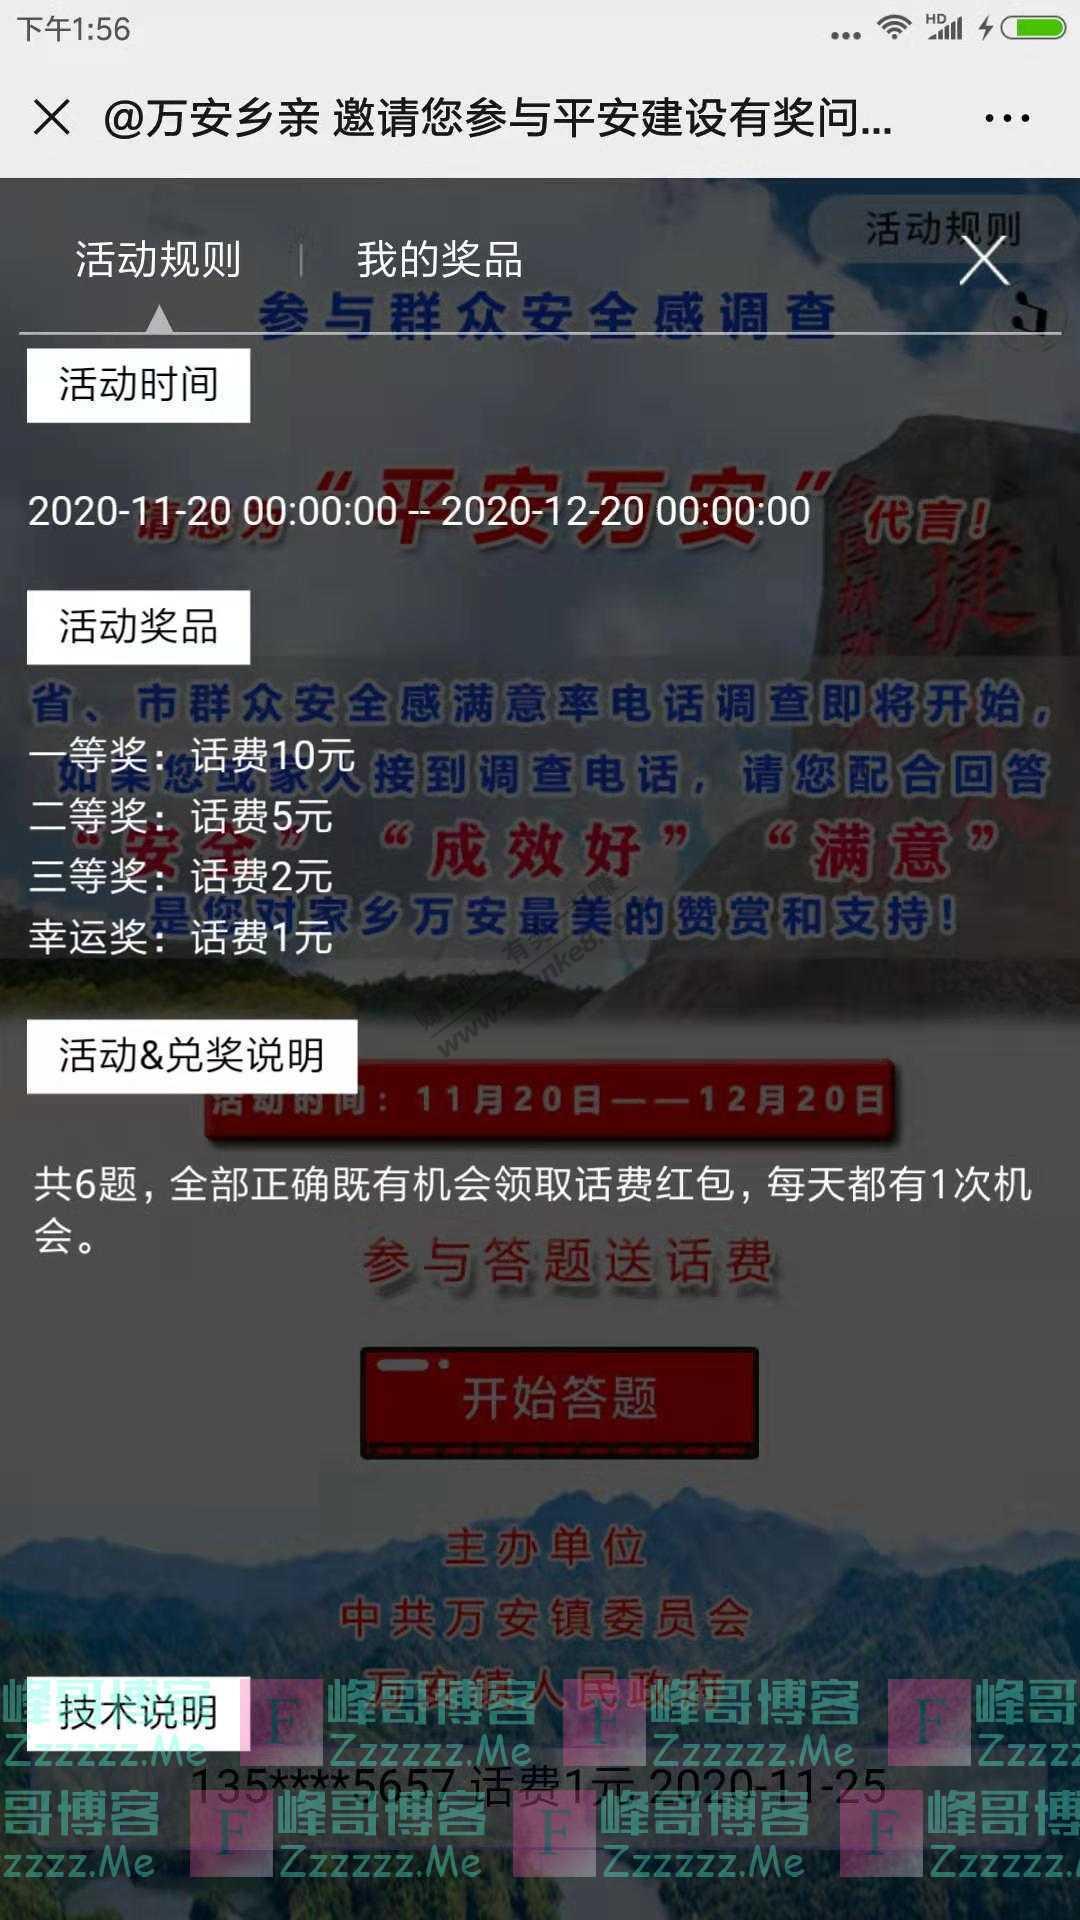 武平万安微发布@万安人 快来参与平安建设有奖问答!领话费(截止11月20日)